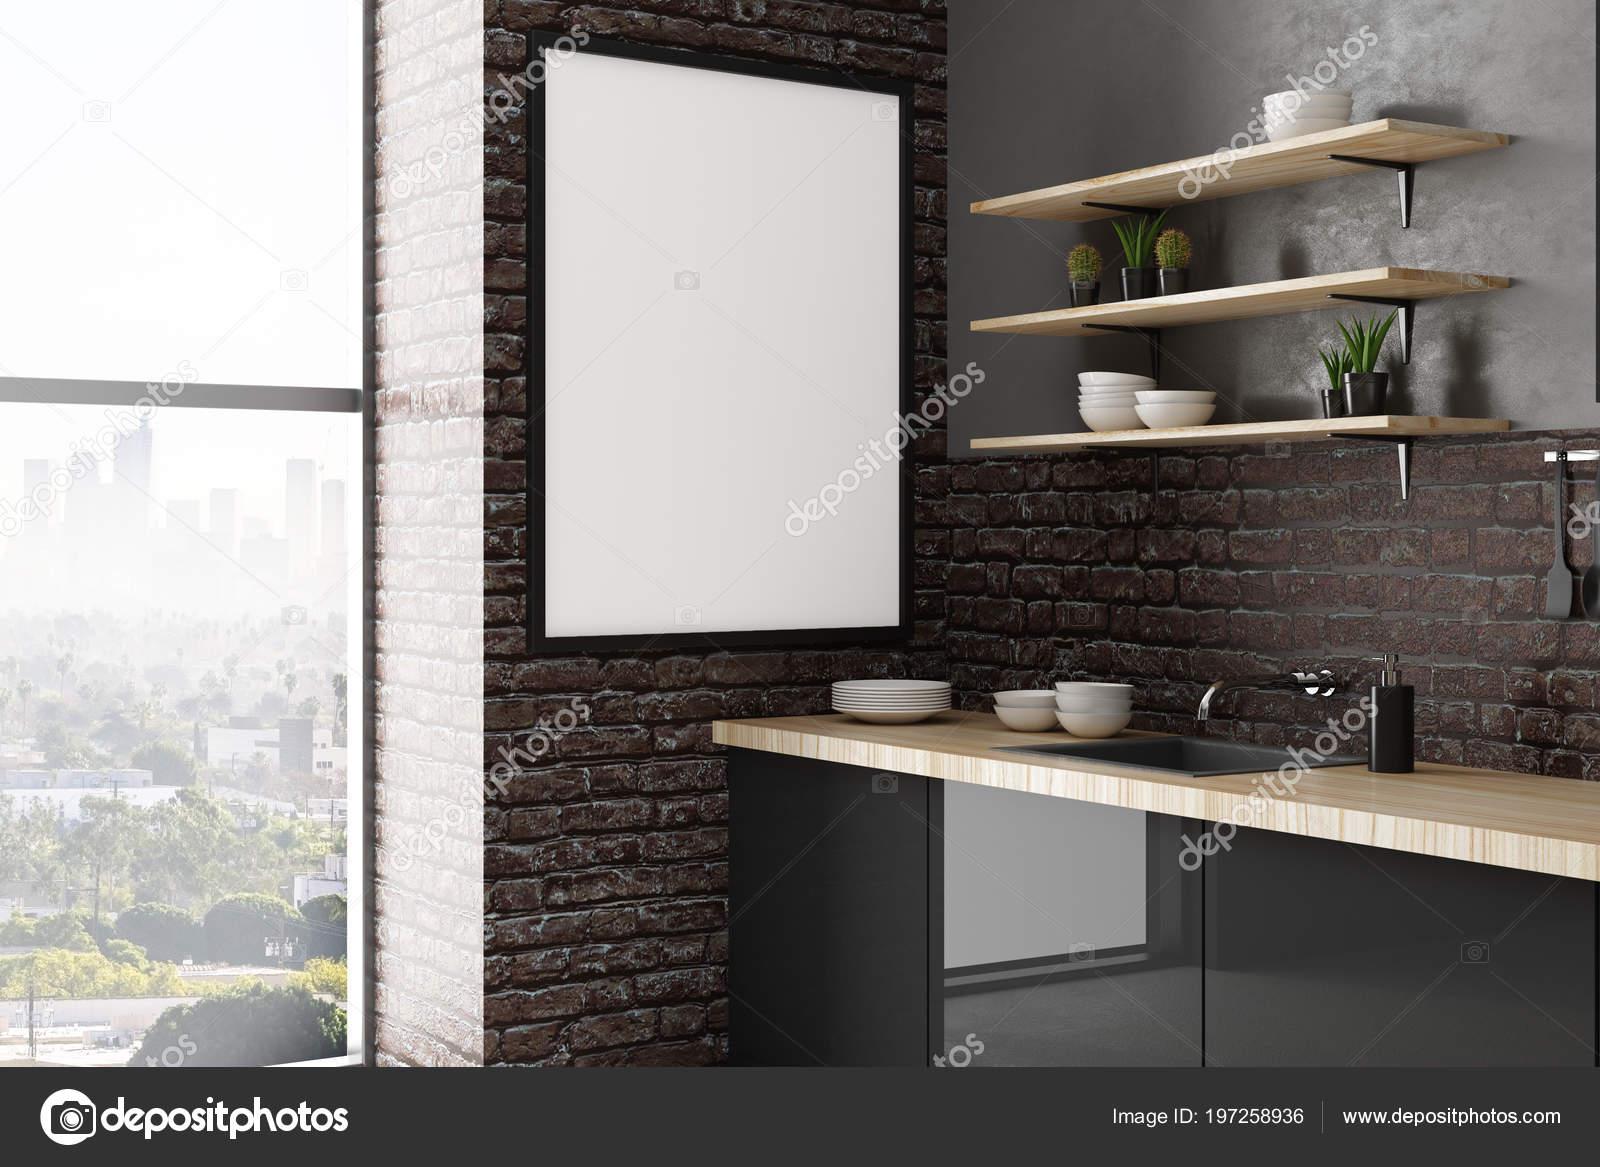 Intérieur Cuisine Loft Contemporain Avec Vide Affiche Sur Mur ...